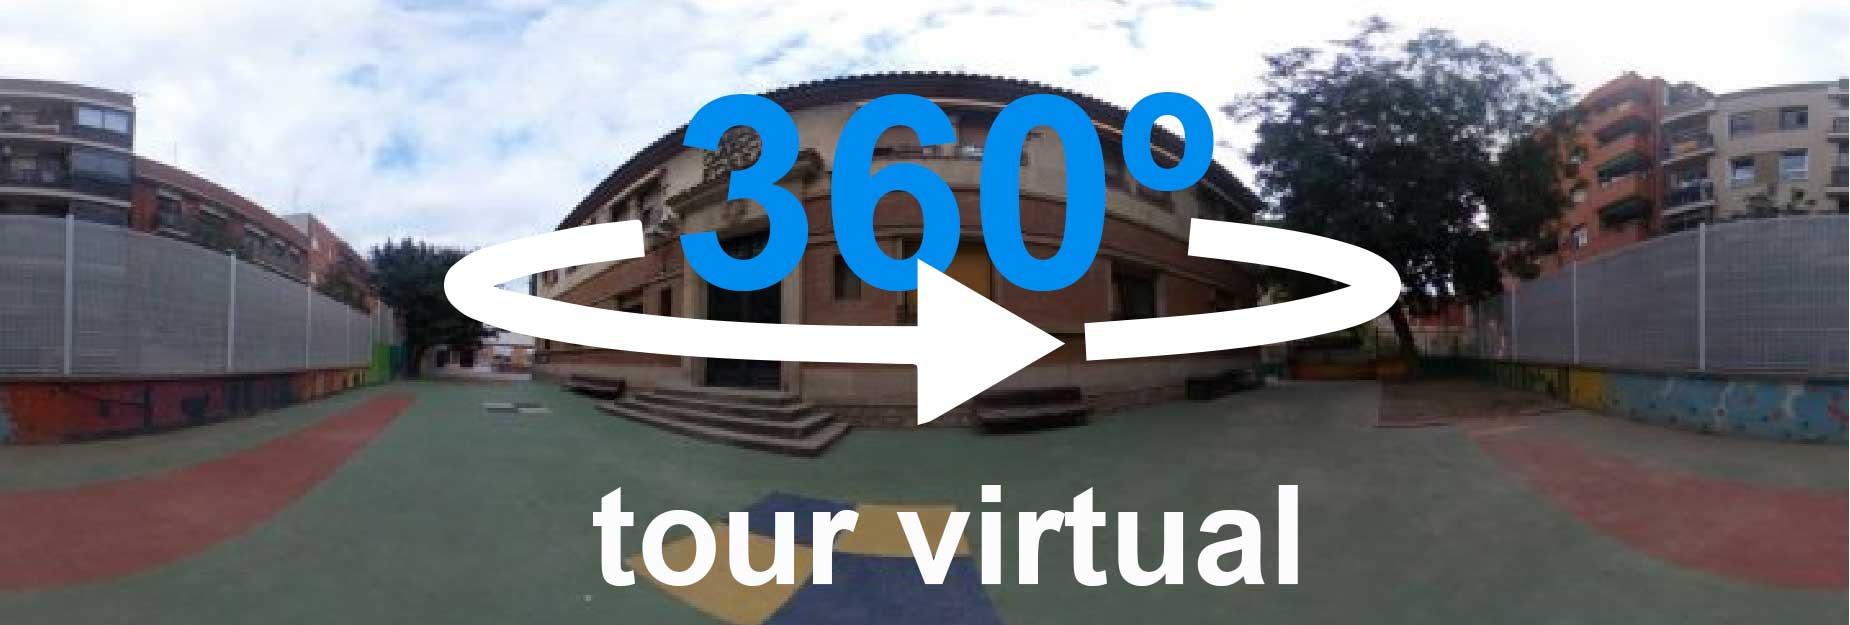 Escola proa tour-virtual